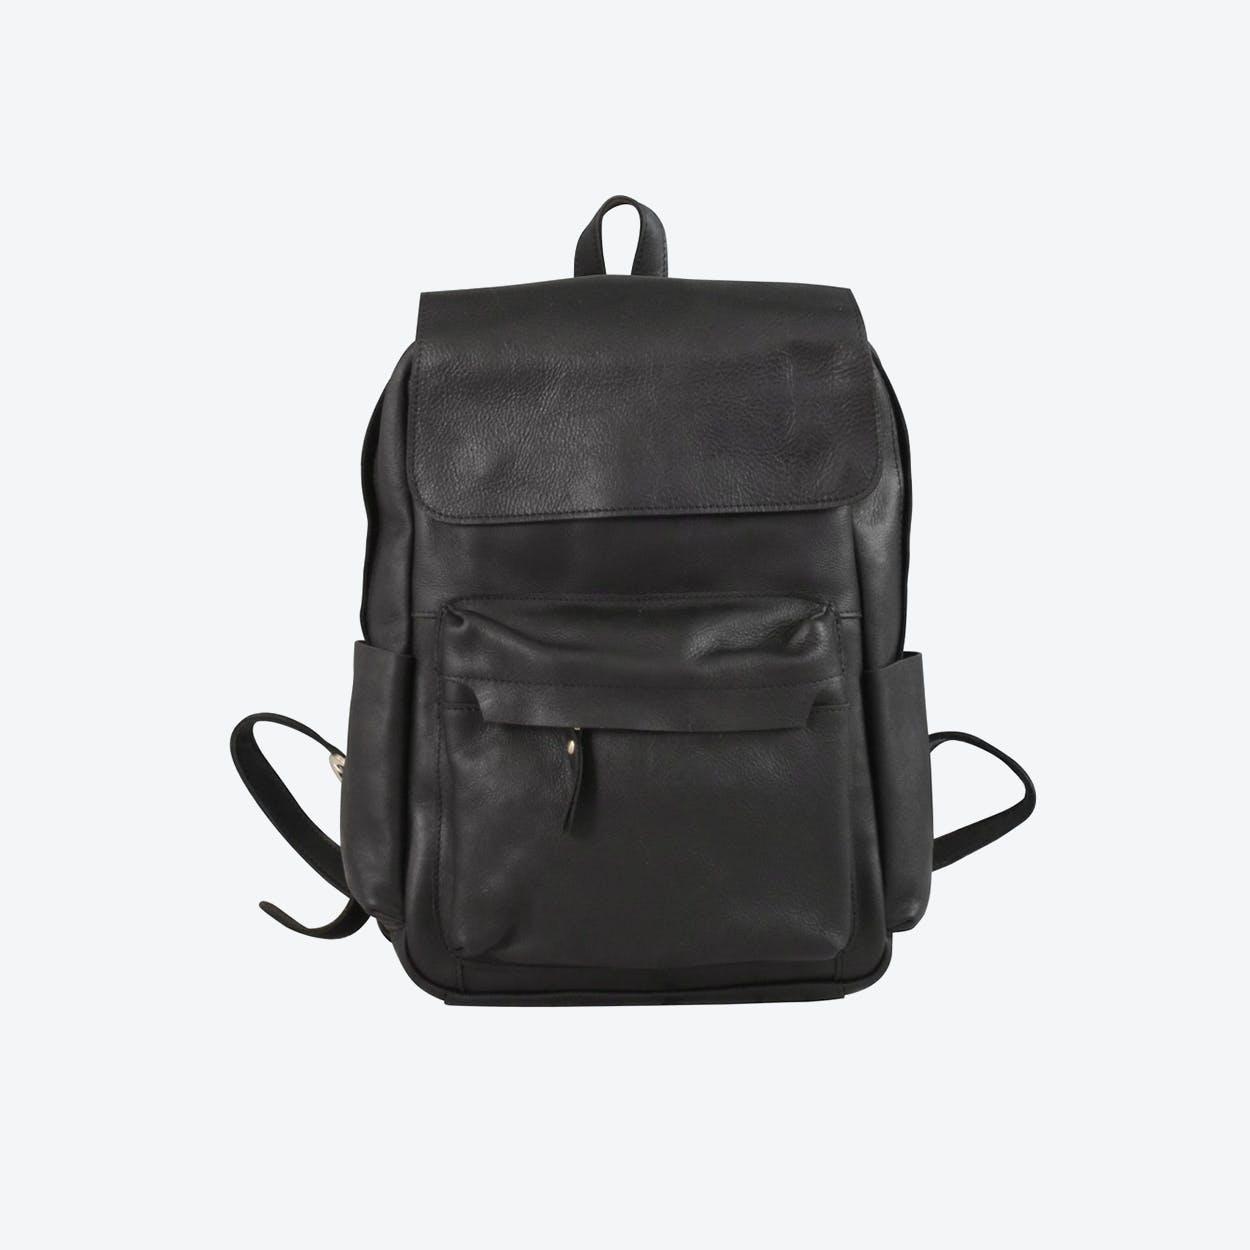 Vintage Leather Backpack in Black